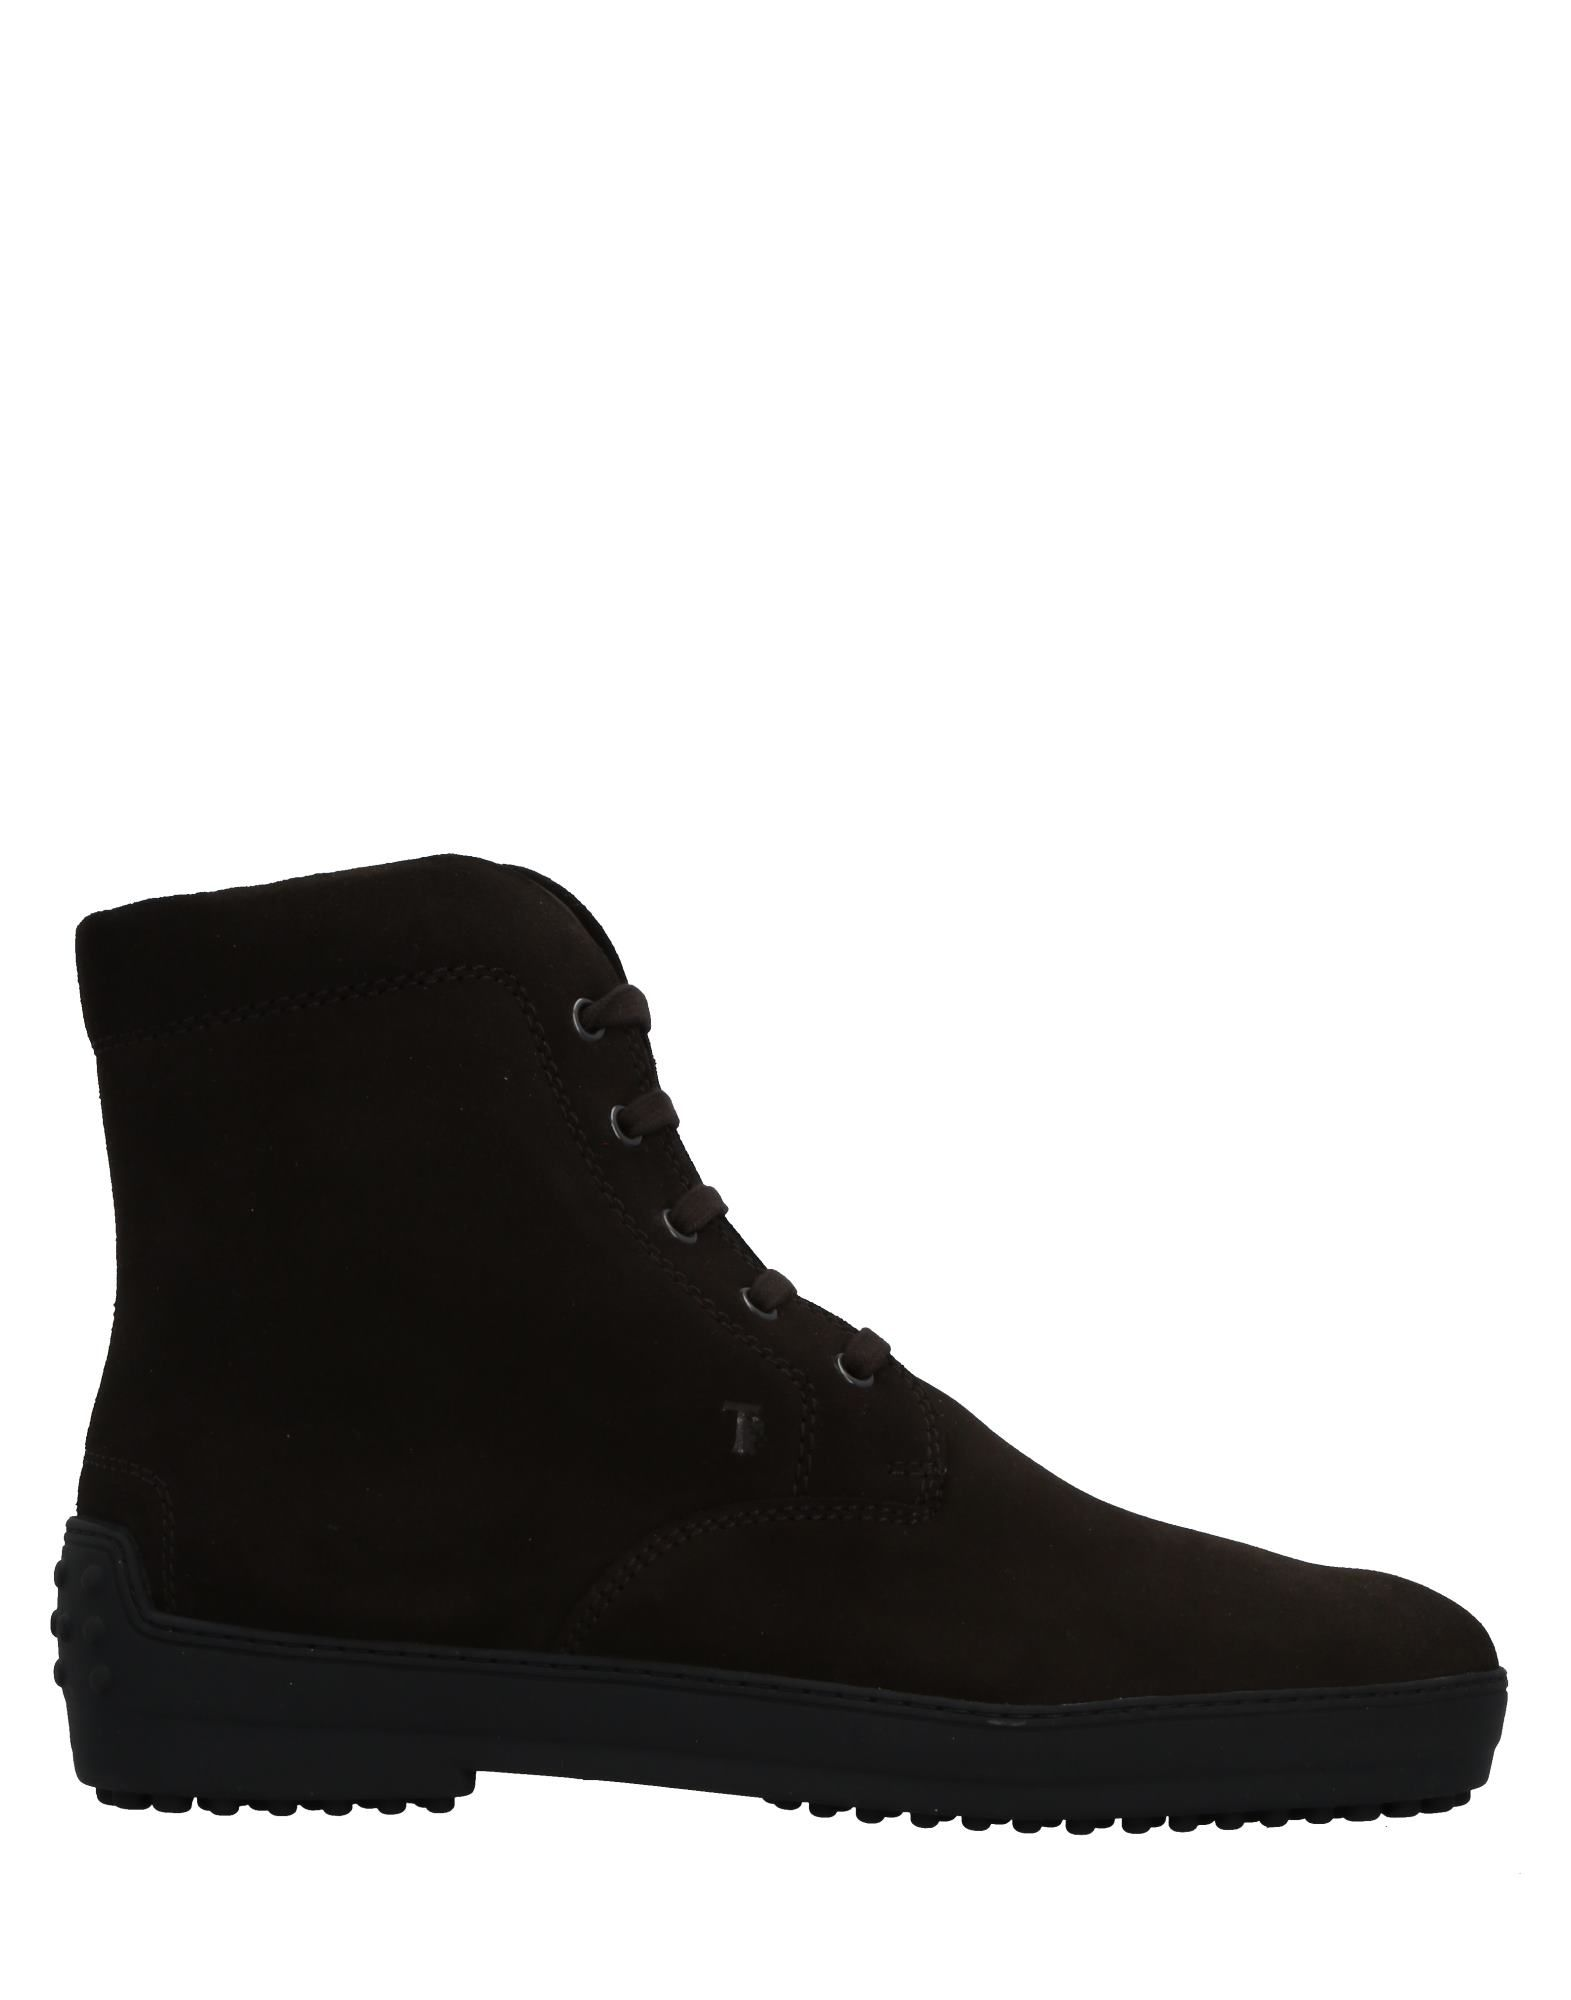 Tod's Stiefelette Herren  11517453CH Gute Qualität beliebte Schuhe